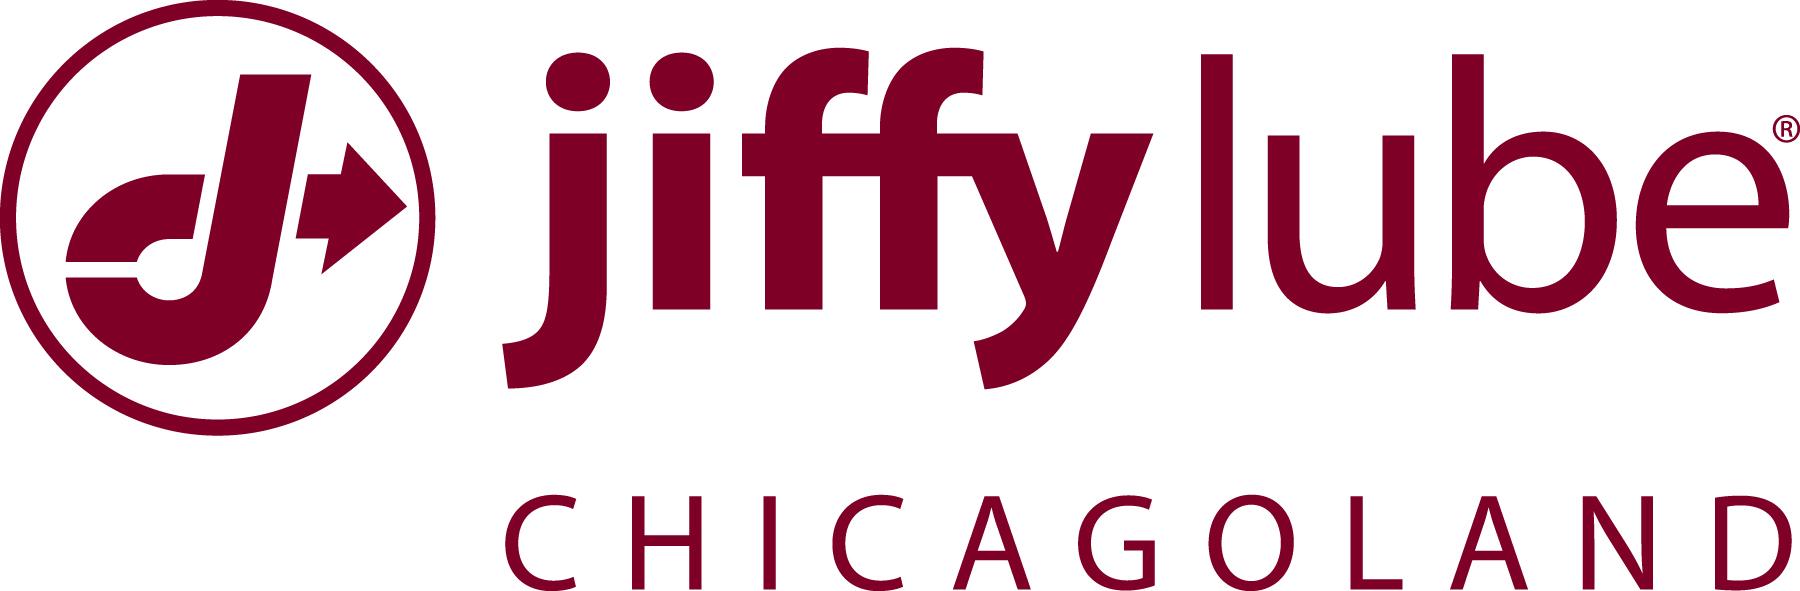 jl-chicagoland-logo-rbg.jpg